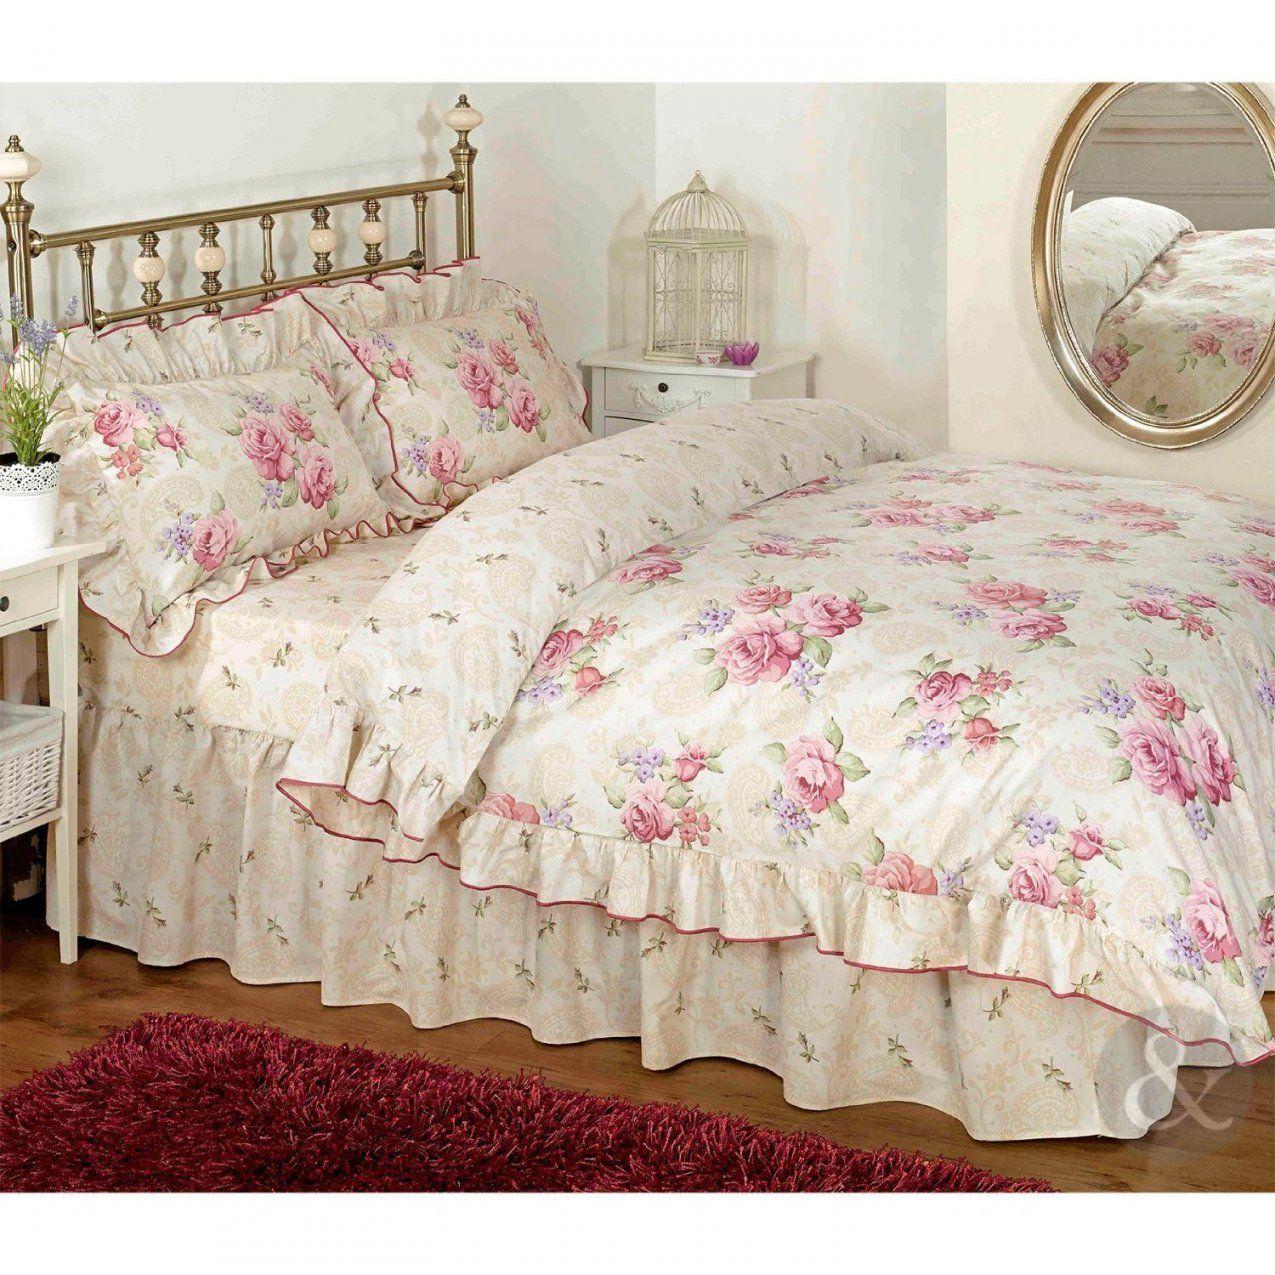 Vintage Floral Rüschen Bettwäsche Creme Beige Rosa Bettwäsche Set von Bettwäsche Mit Rüschen Bild